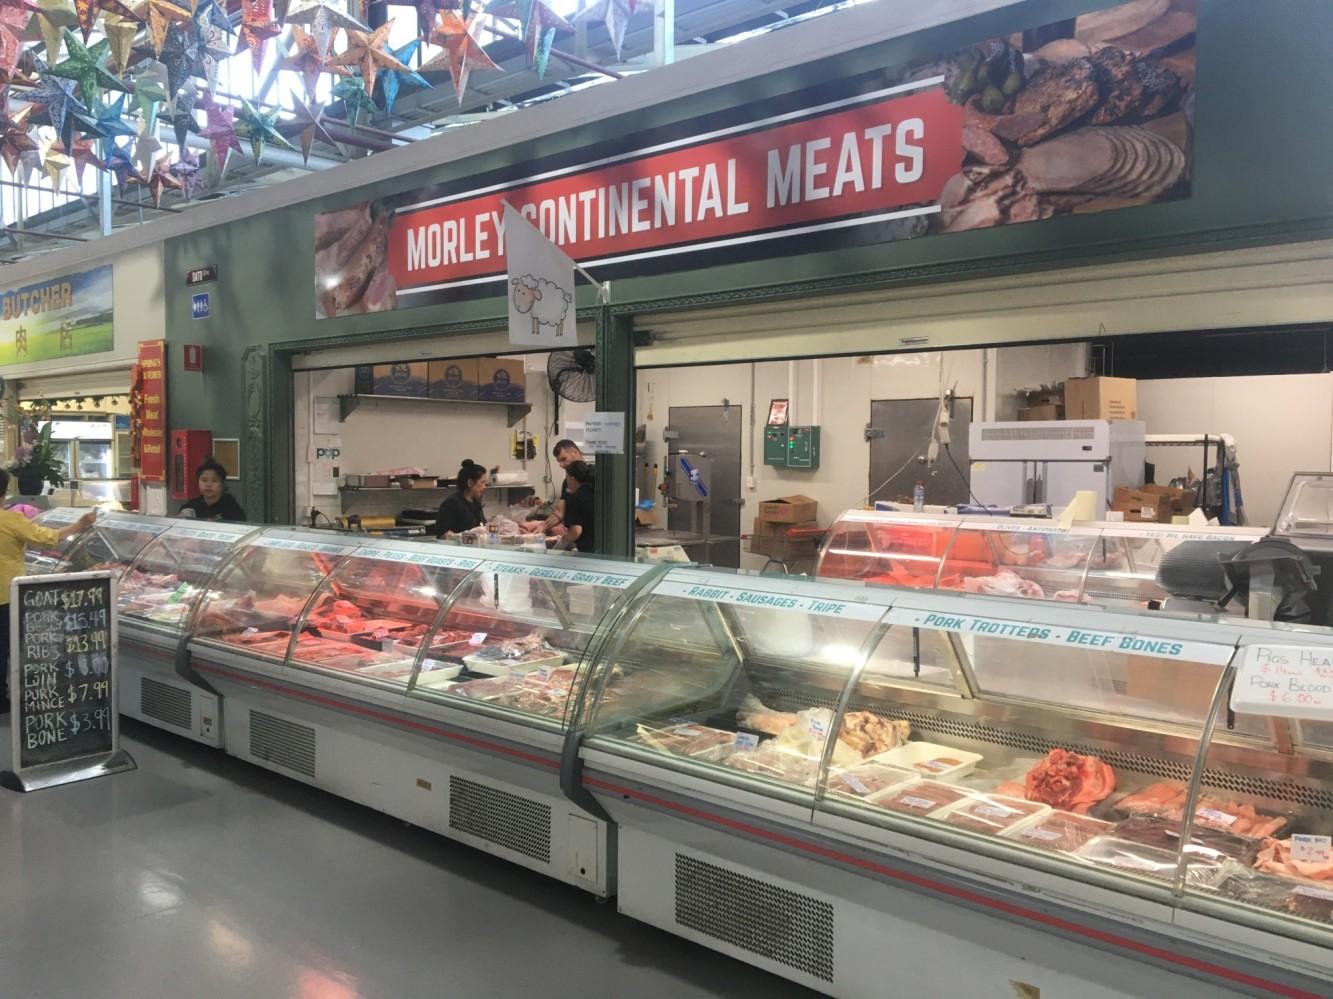 Morley Continental Meats & Deli